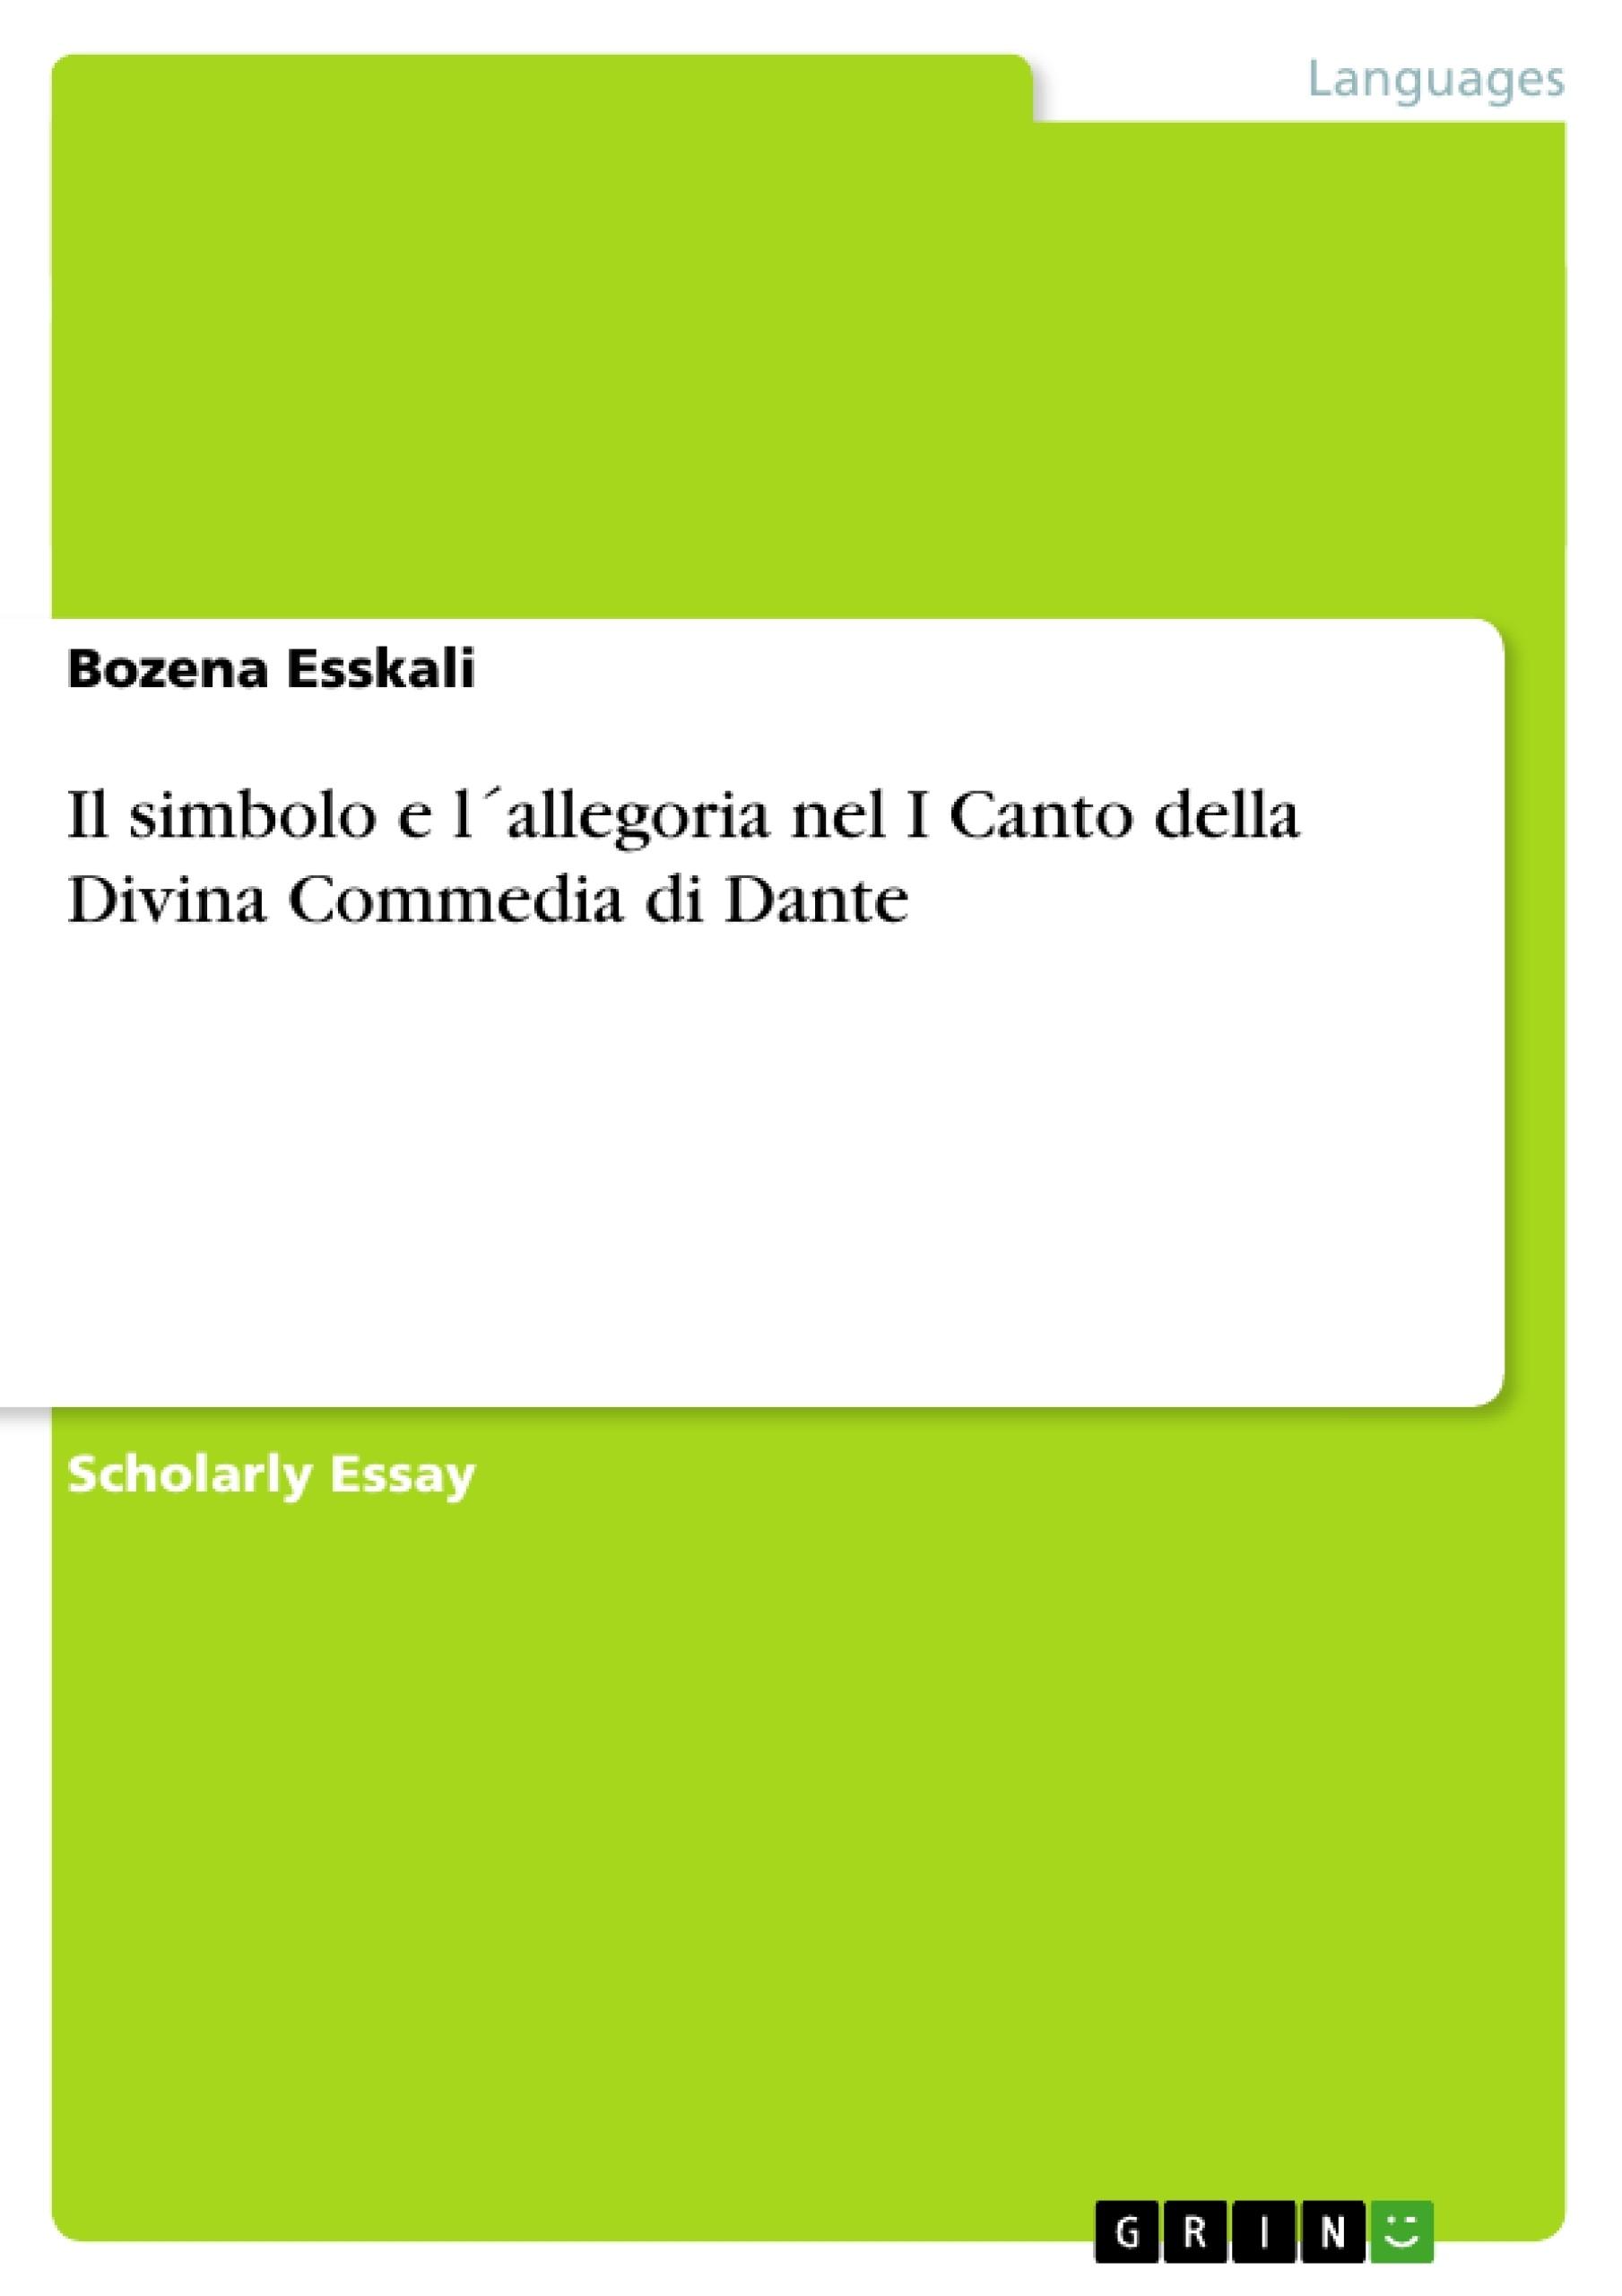 Title: Il simbolo e l´allegoria nel I Canto della Divina Commedia di Dante